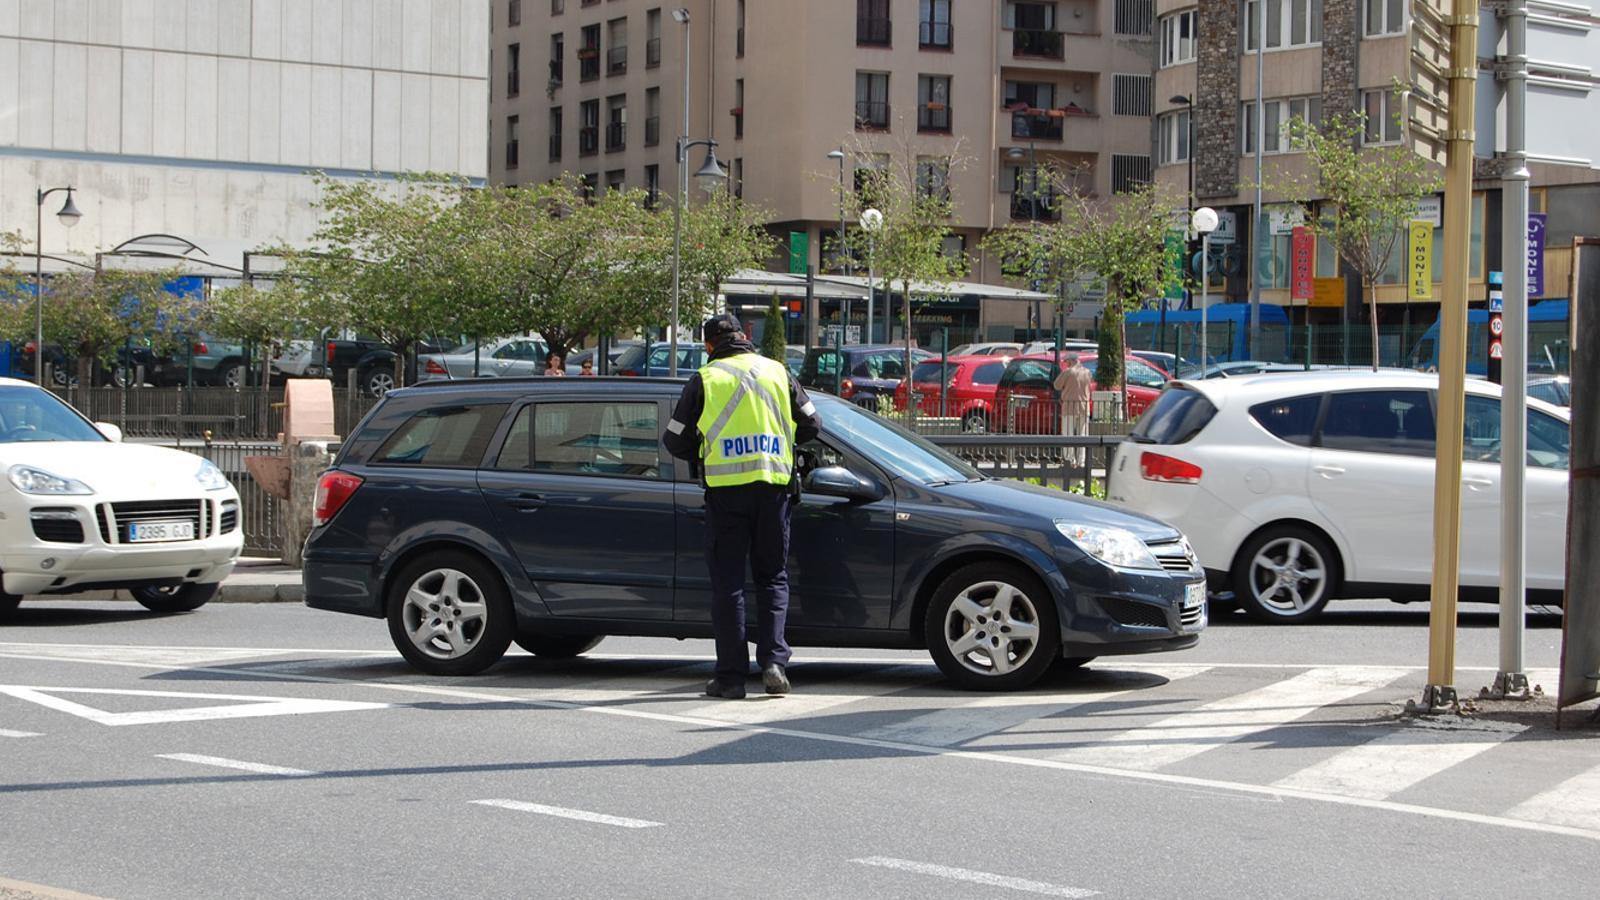 Un agent de policia en un control de trànsit. / ARXIU ANA